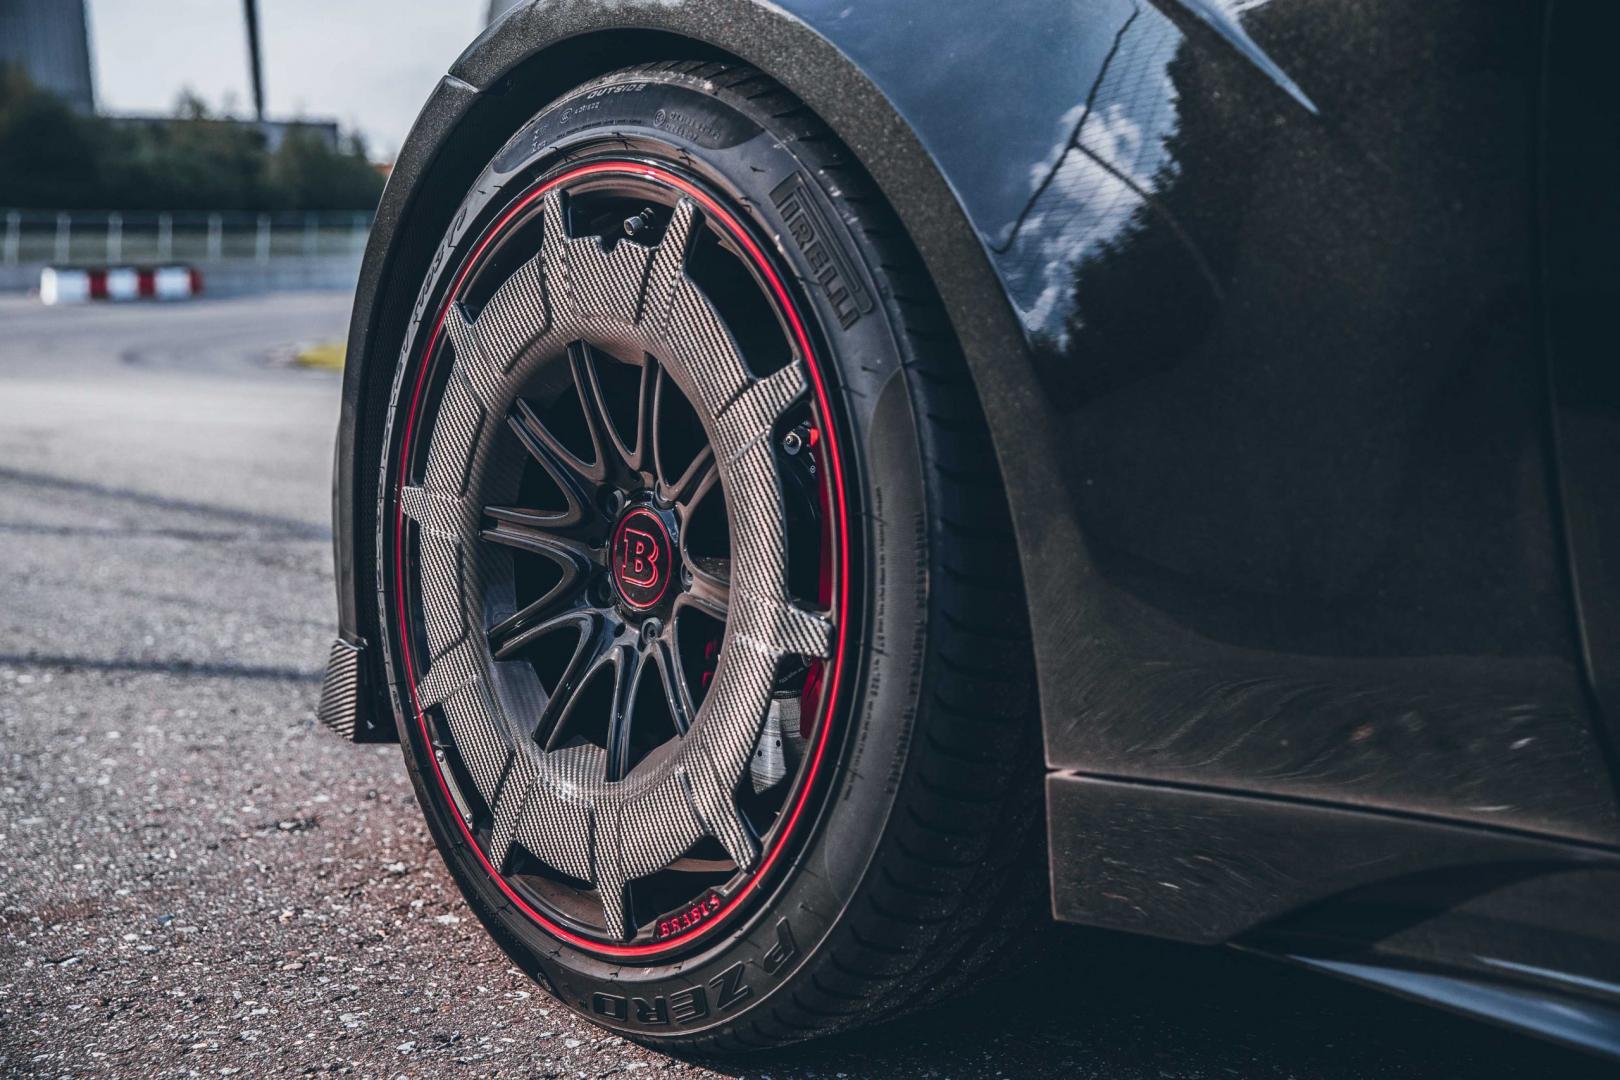 wielen Brabus Rocket 900 op basis van Mercedes-AMG GT 63 S 4-Door